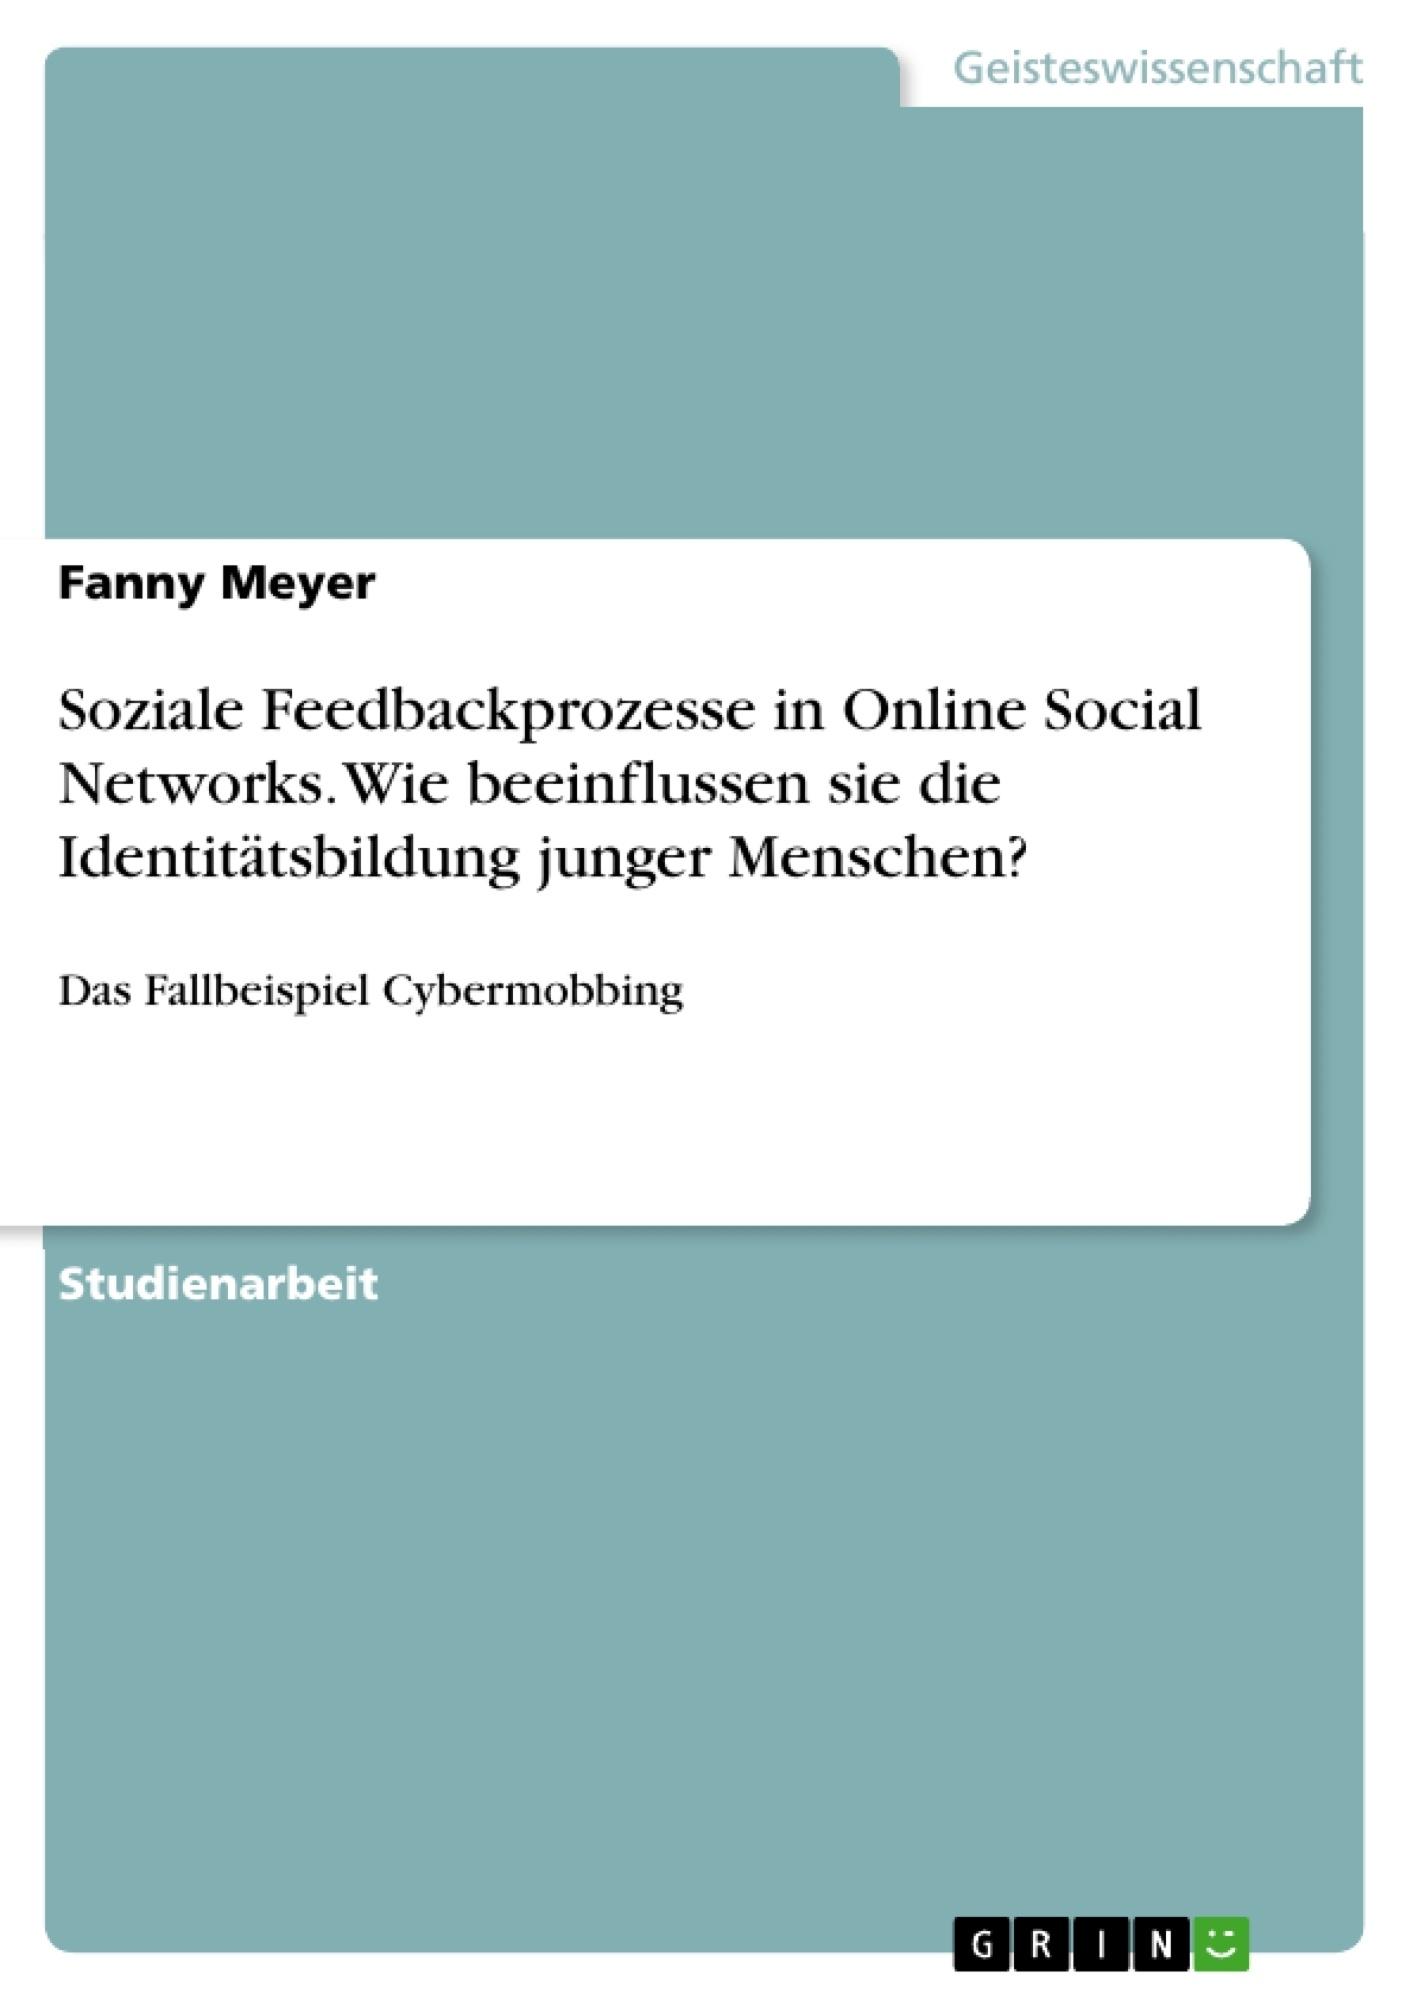 Titel: Soziale Feedbackprozesse in Online Social Networks. Wie beeinflussen sie die Identitätsbildung junger Menschen?